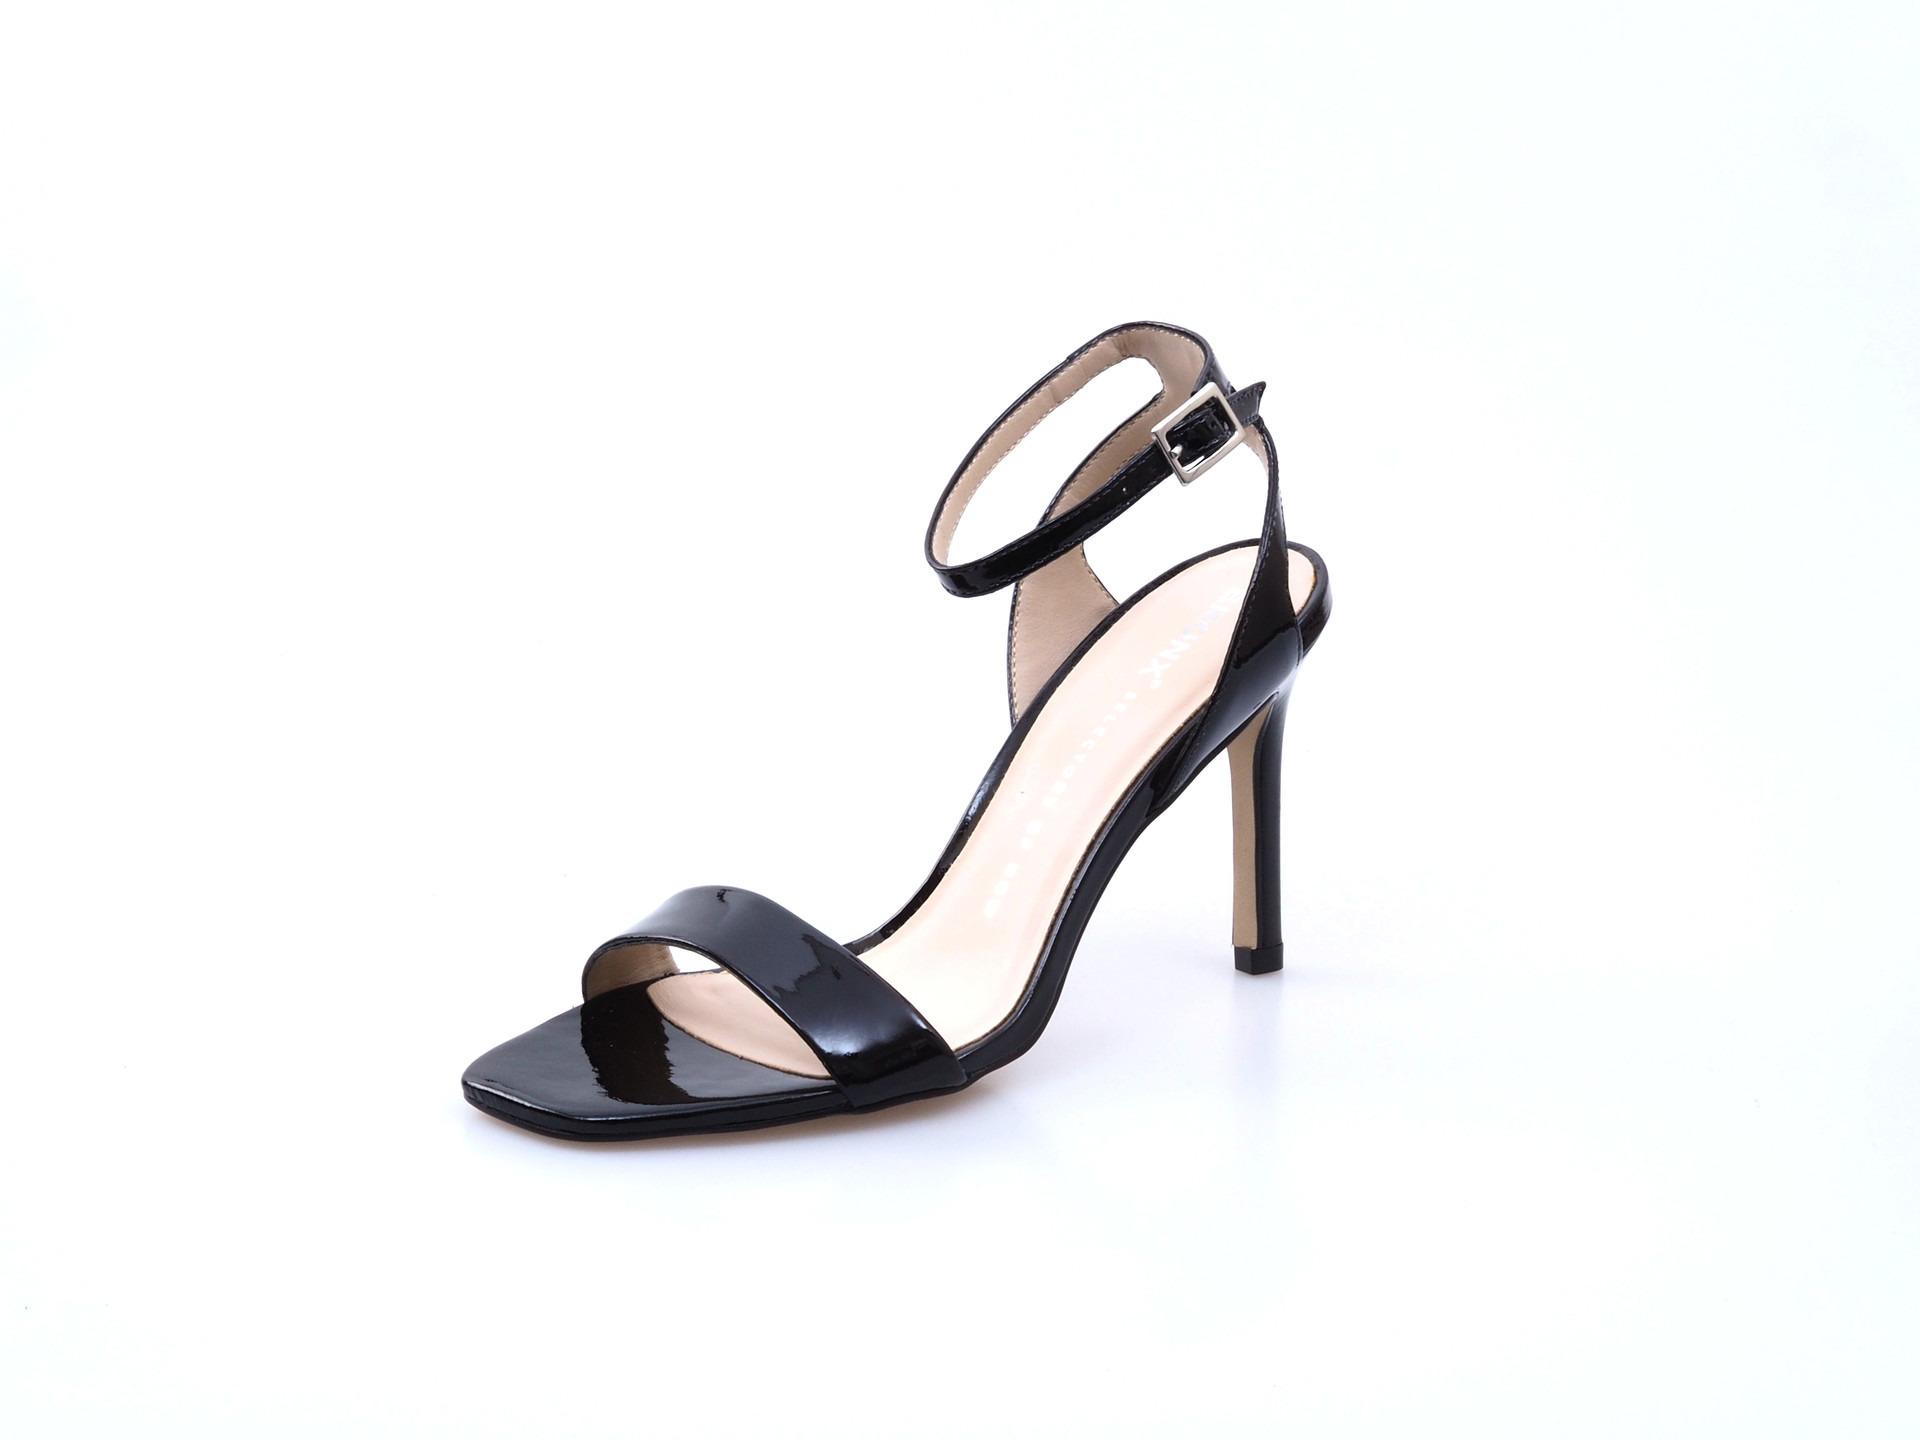 Soňa - Dámska obuv - Spoločenská obuv - Bronx dámska spoločenská ... 11cc975de31